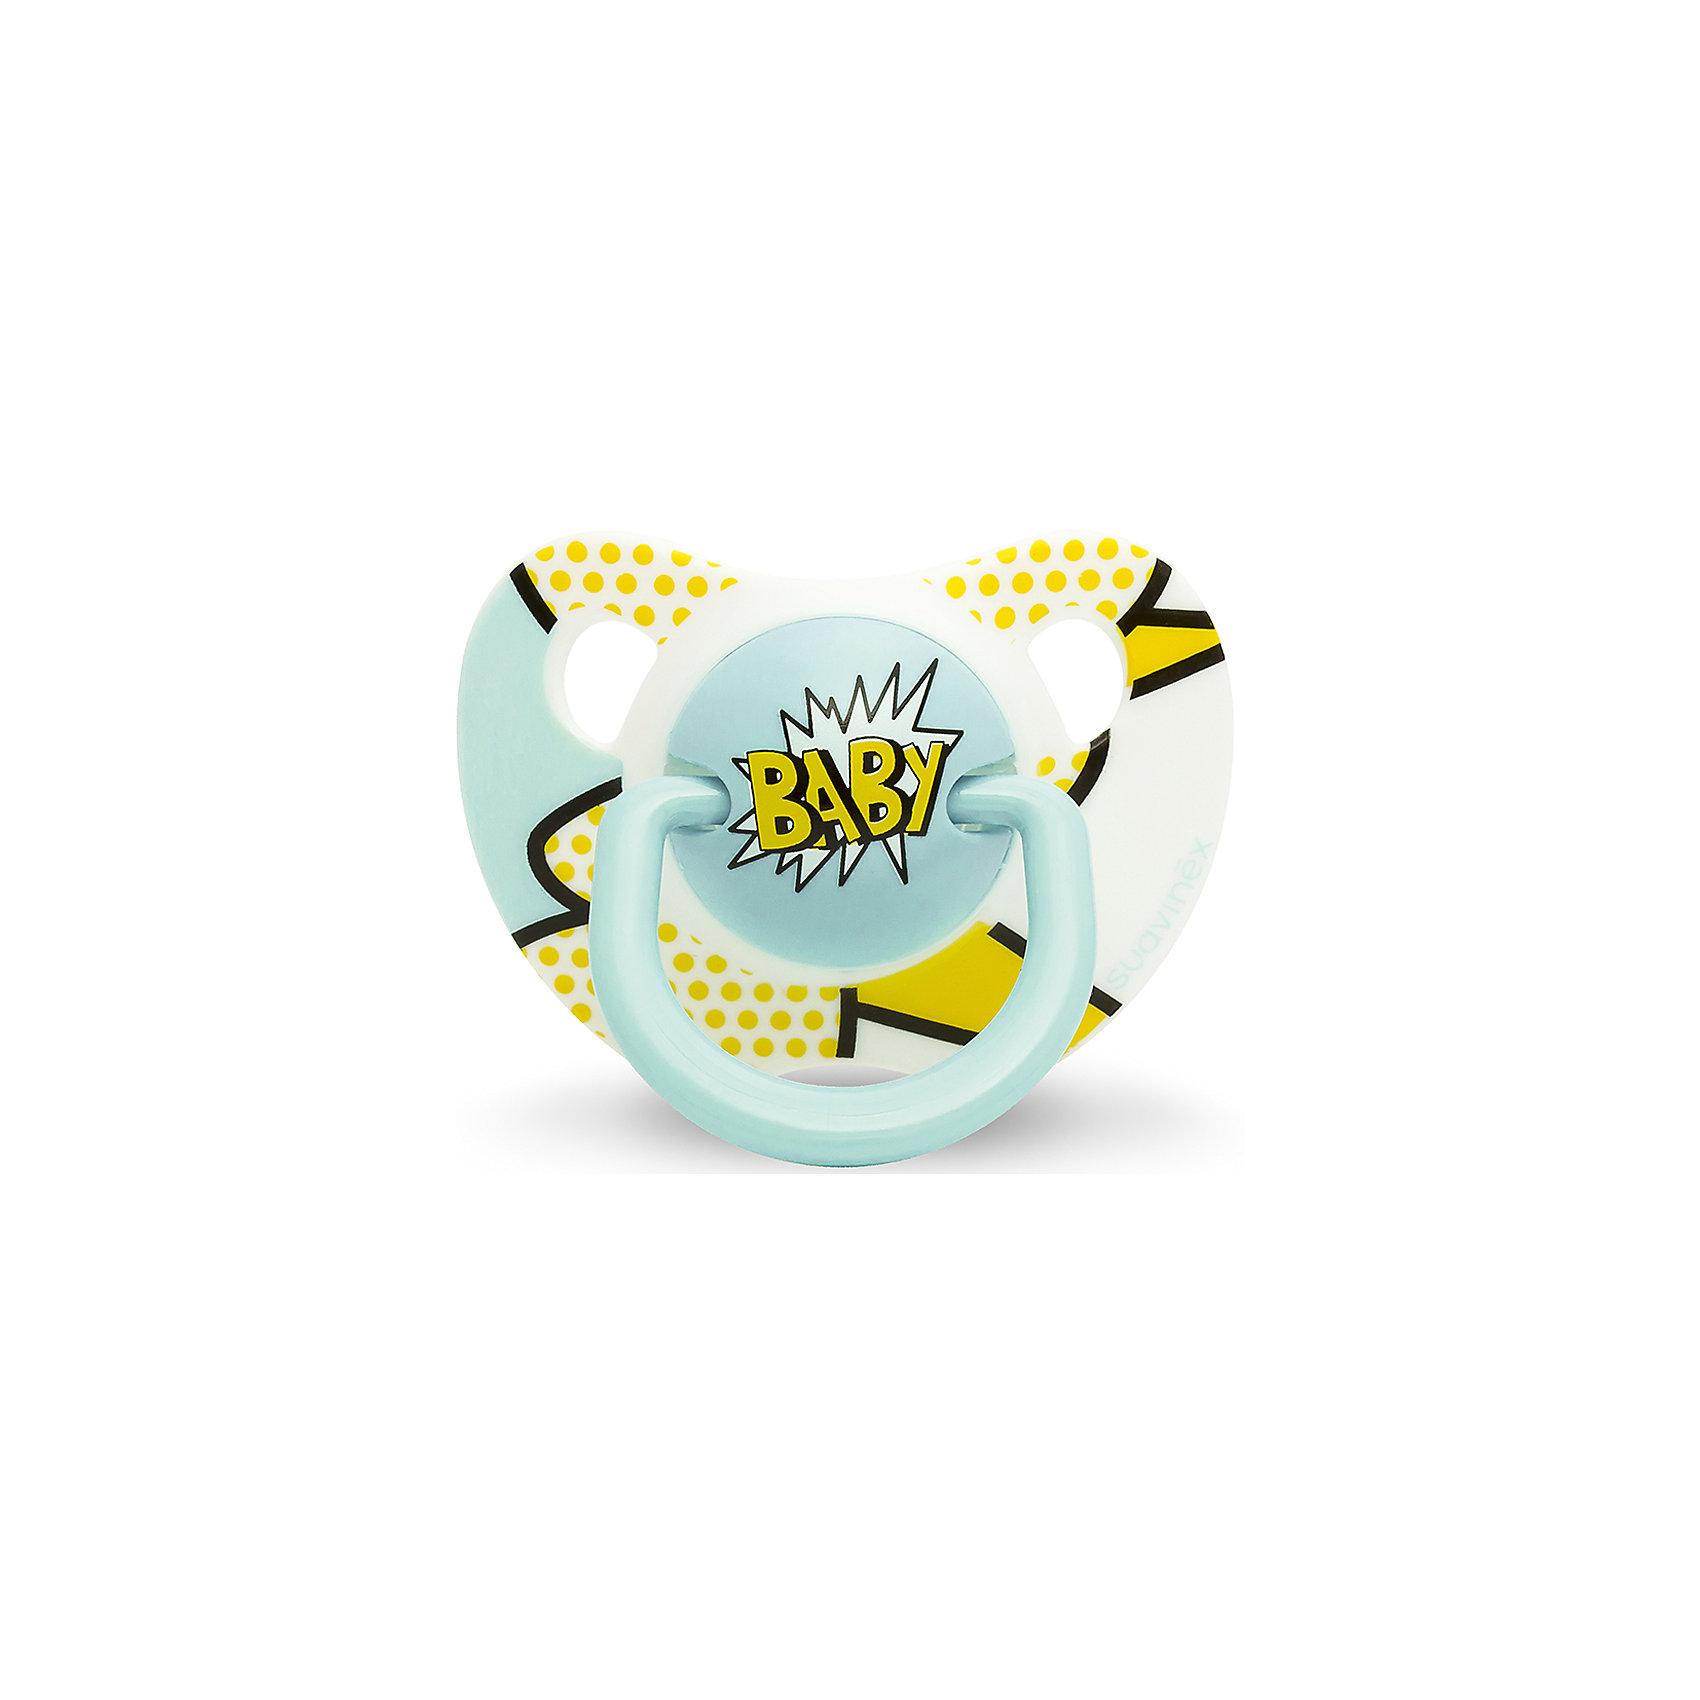 Пустышка силиконовая  BABY Baby Art, 6-18 мес., Suavinex, желто/голубойПустышки и аксессуары<br>Характеристики:<br><br>• Наименование: пустышка<br>• Рекомендуемый возраст: от 6 и до 18 месяцев<br>• Пол: для мальчика<br>• Материал: силикон, пластик<br>• Цвет: желтый, голубой<br>• Рисунок: горошинки, абстракция<br>• Форма: анатомическая<br>• Наличие вентиляционных отверстий <br>• Кольцо для держателя<br>• Вес: 27 г<br>• Параметры (Д*Ш*В): 5,4*6,5*10,9 см <br>• Особенности ухода: можно мыть в теплой воде, регулярная стерилизация <br><br>Пустышка BABY от 6 до 18мес Baby Art, Suavinex, желто/голубой изготовлена испанским торговым брендом, специализирующимся на выпуске товаров для кормления и аксессуаров новорожденным и младенцам. Продукция от Suavinex разработана с учетом рекомендаций педиатров и стоматологов, что гарантирует качество и безопасность использованных материалов. <br><br>Пластик, из которого изготовлено изделие, устойчив к появлению царапин и сколов, благодаря чему пустышка длительное время сохраняет свои гигиенические свойства. Форма у соски способствует равномерному распределению давления на небо, что обеспечивает правильное формирование речевого аппарата. <br><br>Пустышка имеет анатомическую форму, для прикрепления держателя предусмотрено кольцо. Изделие выполнено в брендовом дизайне, надпись BABY нанесена по инновационной технологии, которая обеспечивает стойкость рисунка даже при длительном использовании и частой стерилизации.<br><br>Пустышку BABY от 6 до 18мес Baby Art, Suavinex, желто/голубой можно купить в нашем интернет-магазине.<br><br>Ширина мм: 54<br>Глубина мм: 65<br>Высота мм: 109<br>Вес г: 27<br>Возраст от месяцев: 6<br>Возраст до месяцев: 18<br>Пол: Мужской<br>Возраст: Детский<br>SKU: 5451242